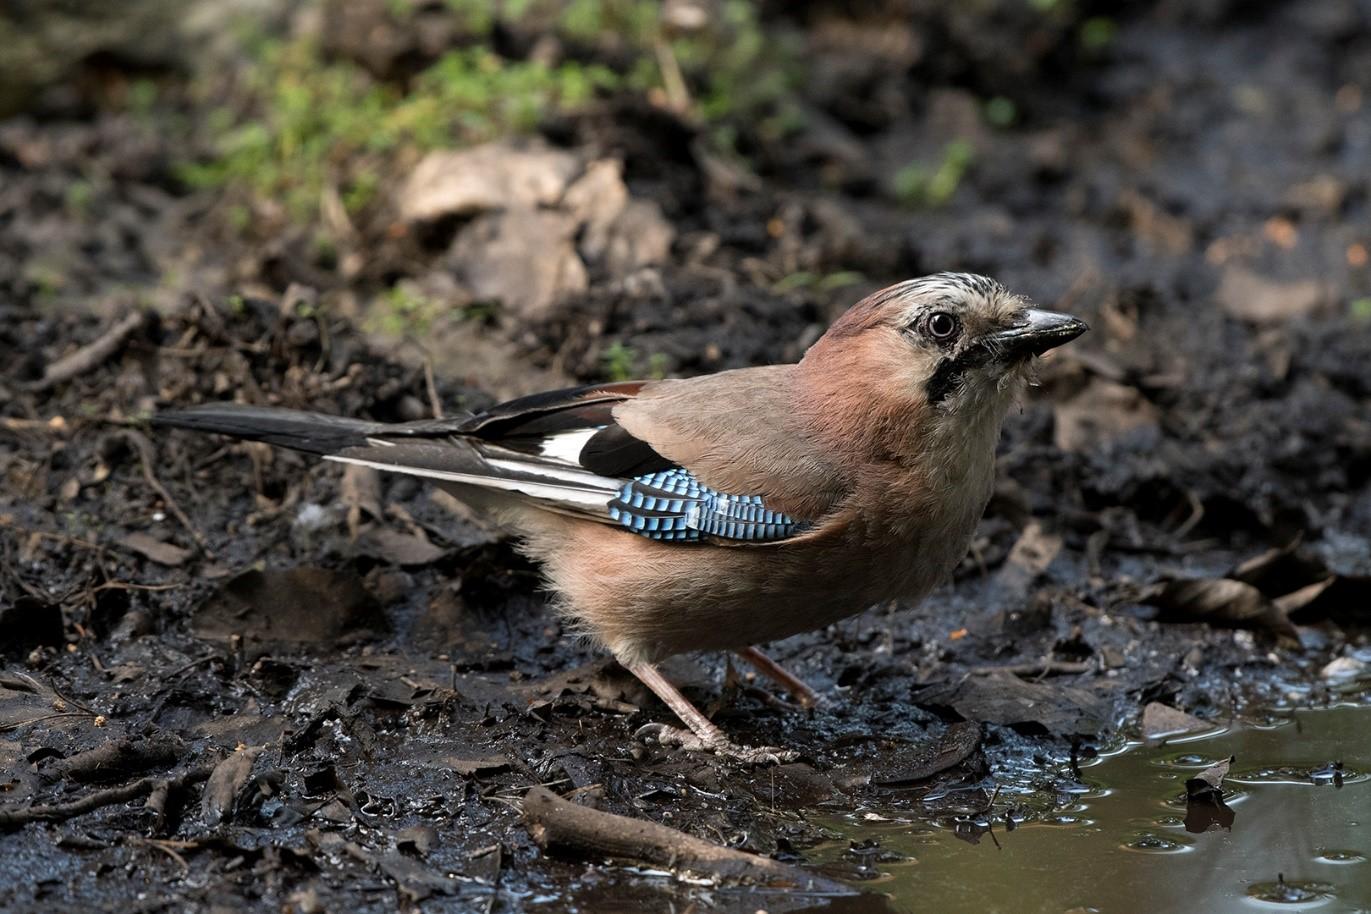 Vlaamse-Gaai, ook wel de Bosbouwer of Bospolitie genoemd, heeft ook dorst - Foto: ©Ton Heekelaar